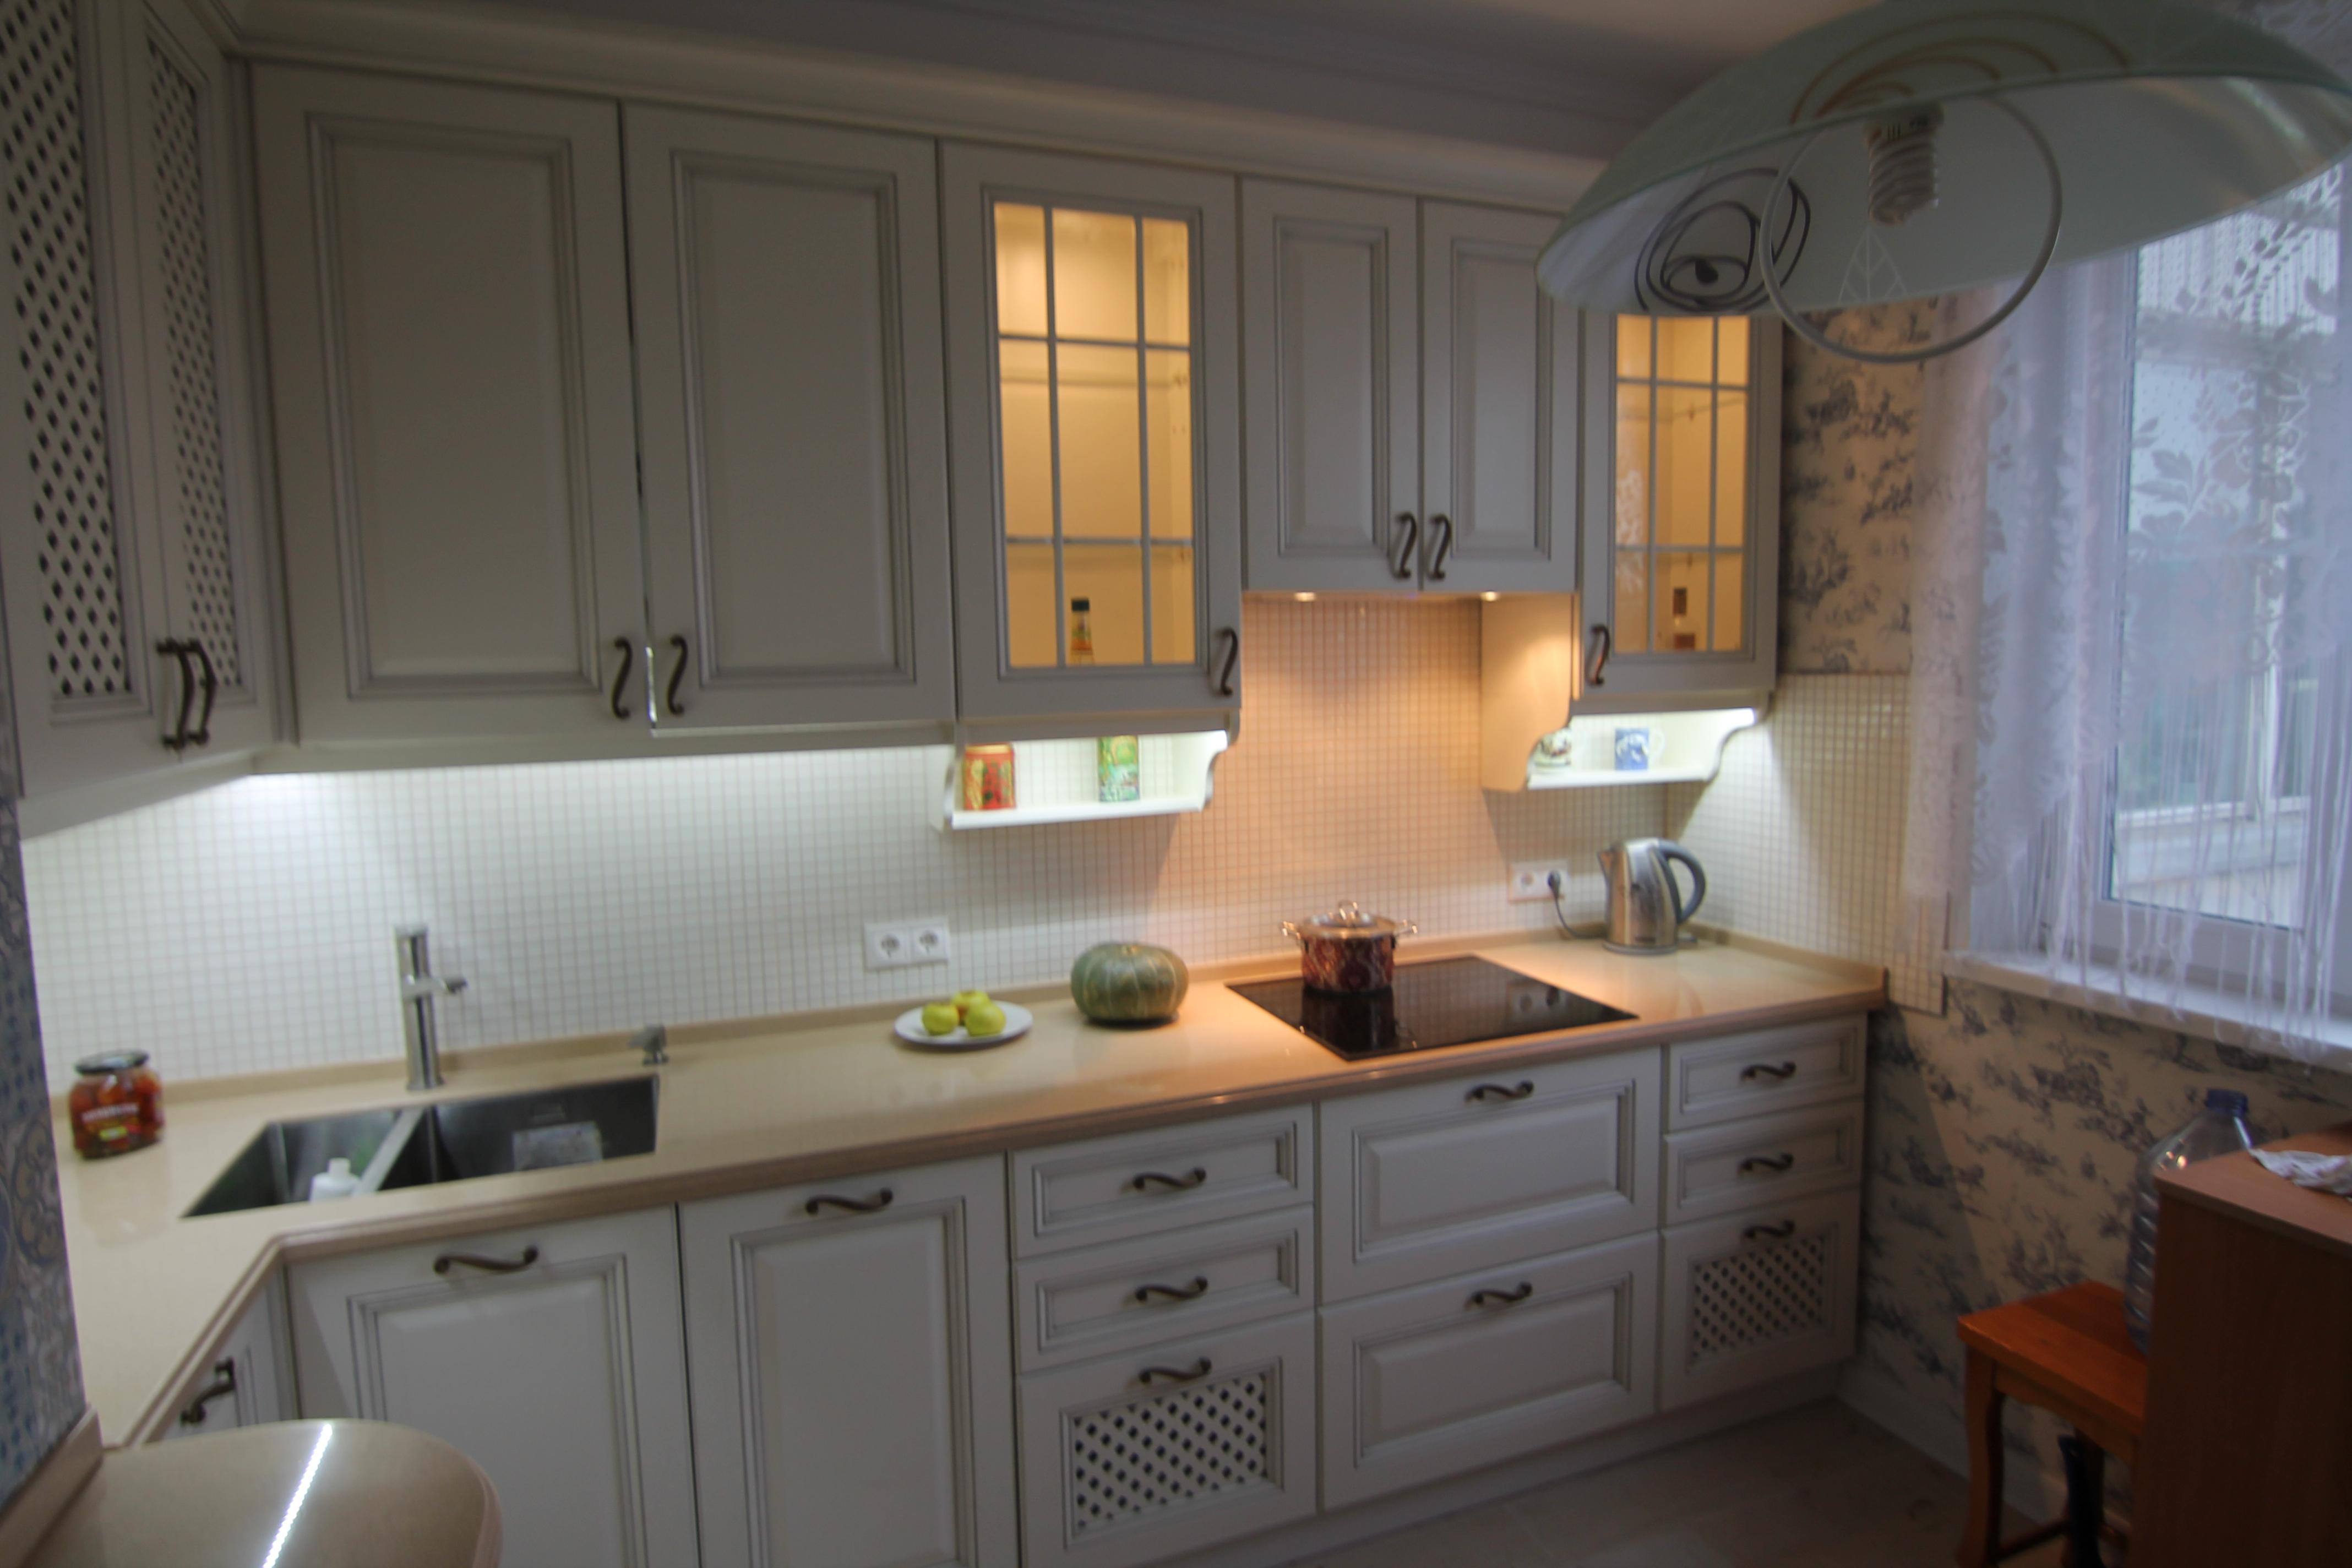 кухня в московс кой квартире